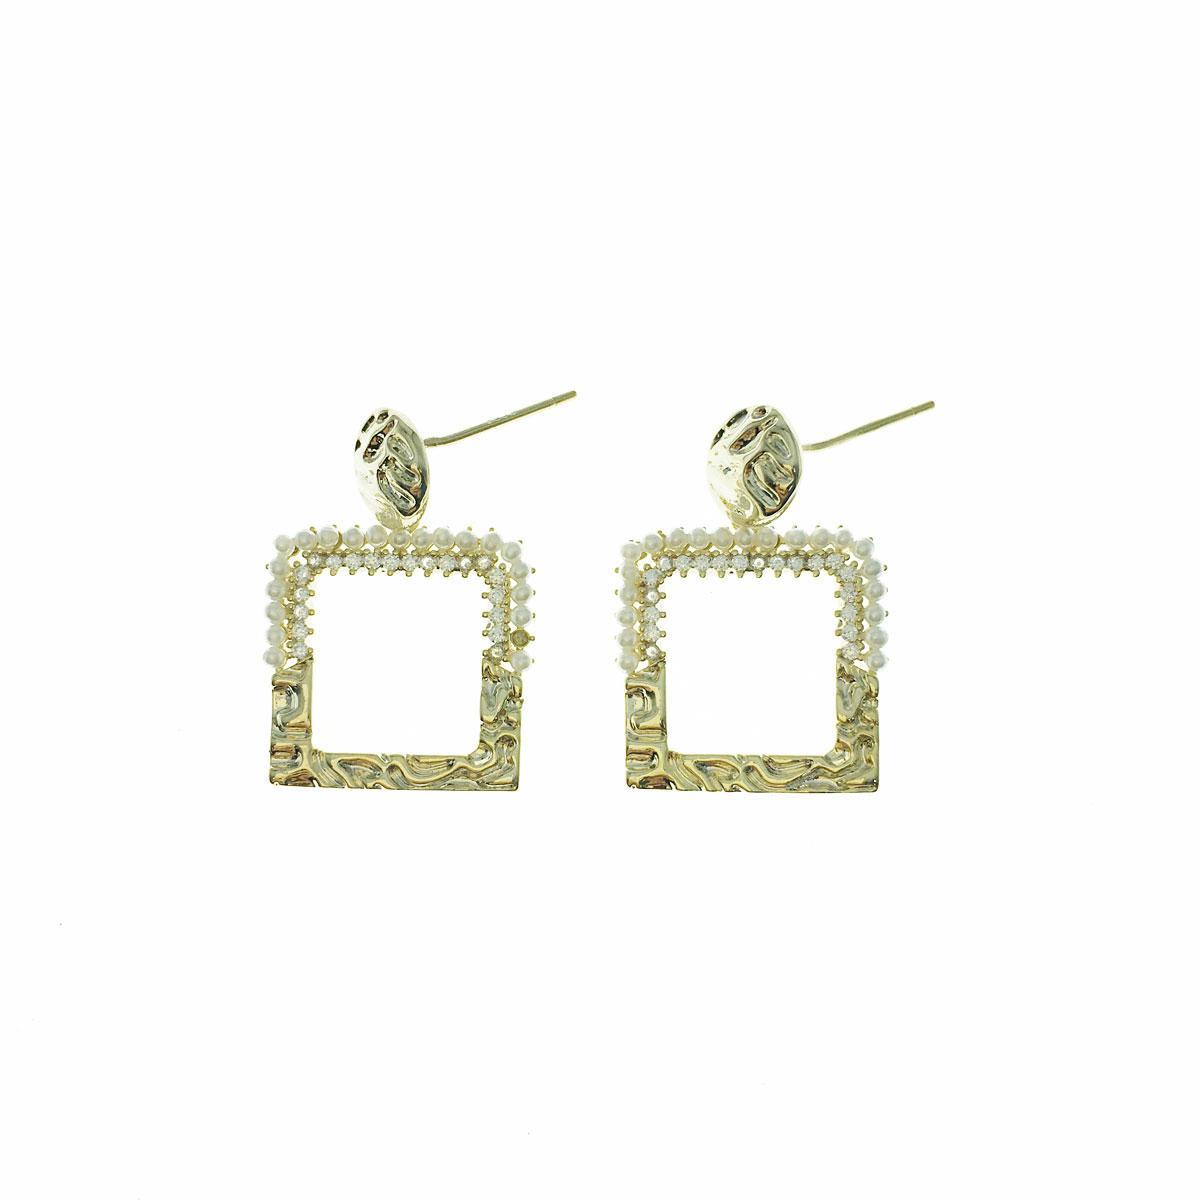 韓國 925純銀 珍珠 簡約 方形 簍空 垂墜感 耳針式 耳環